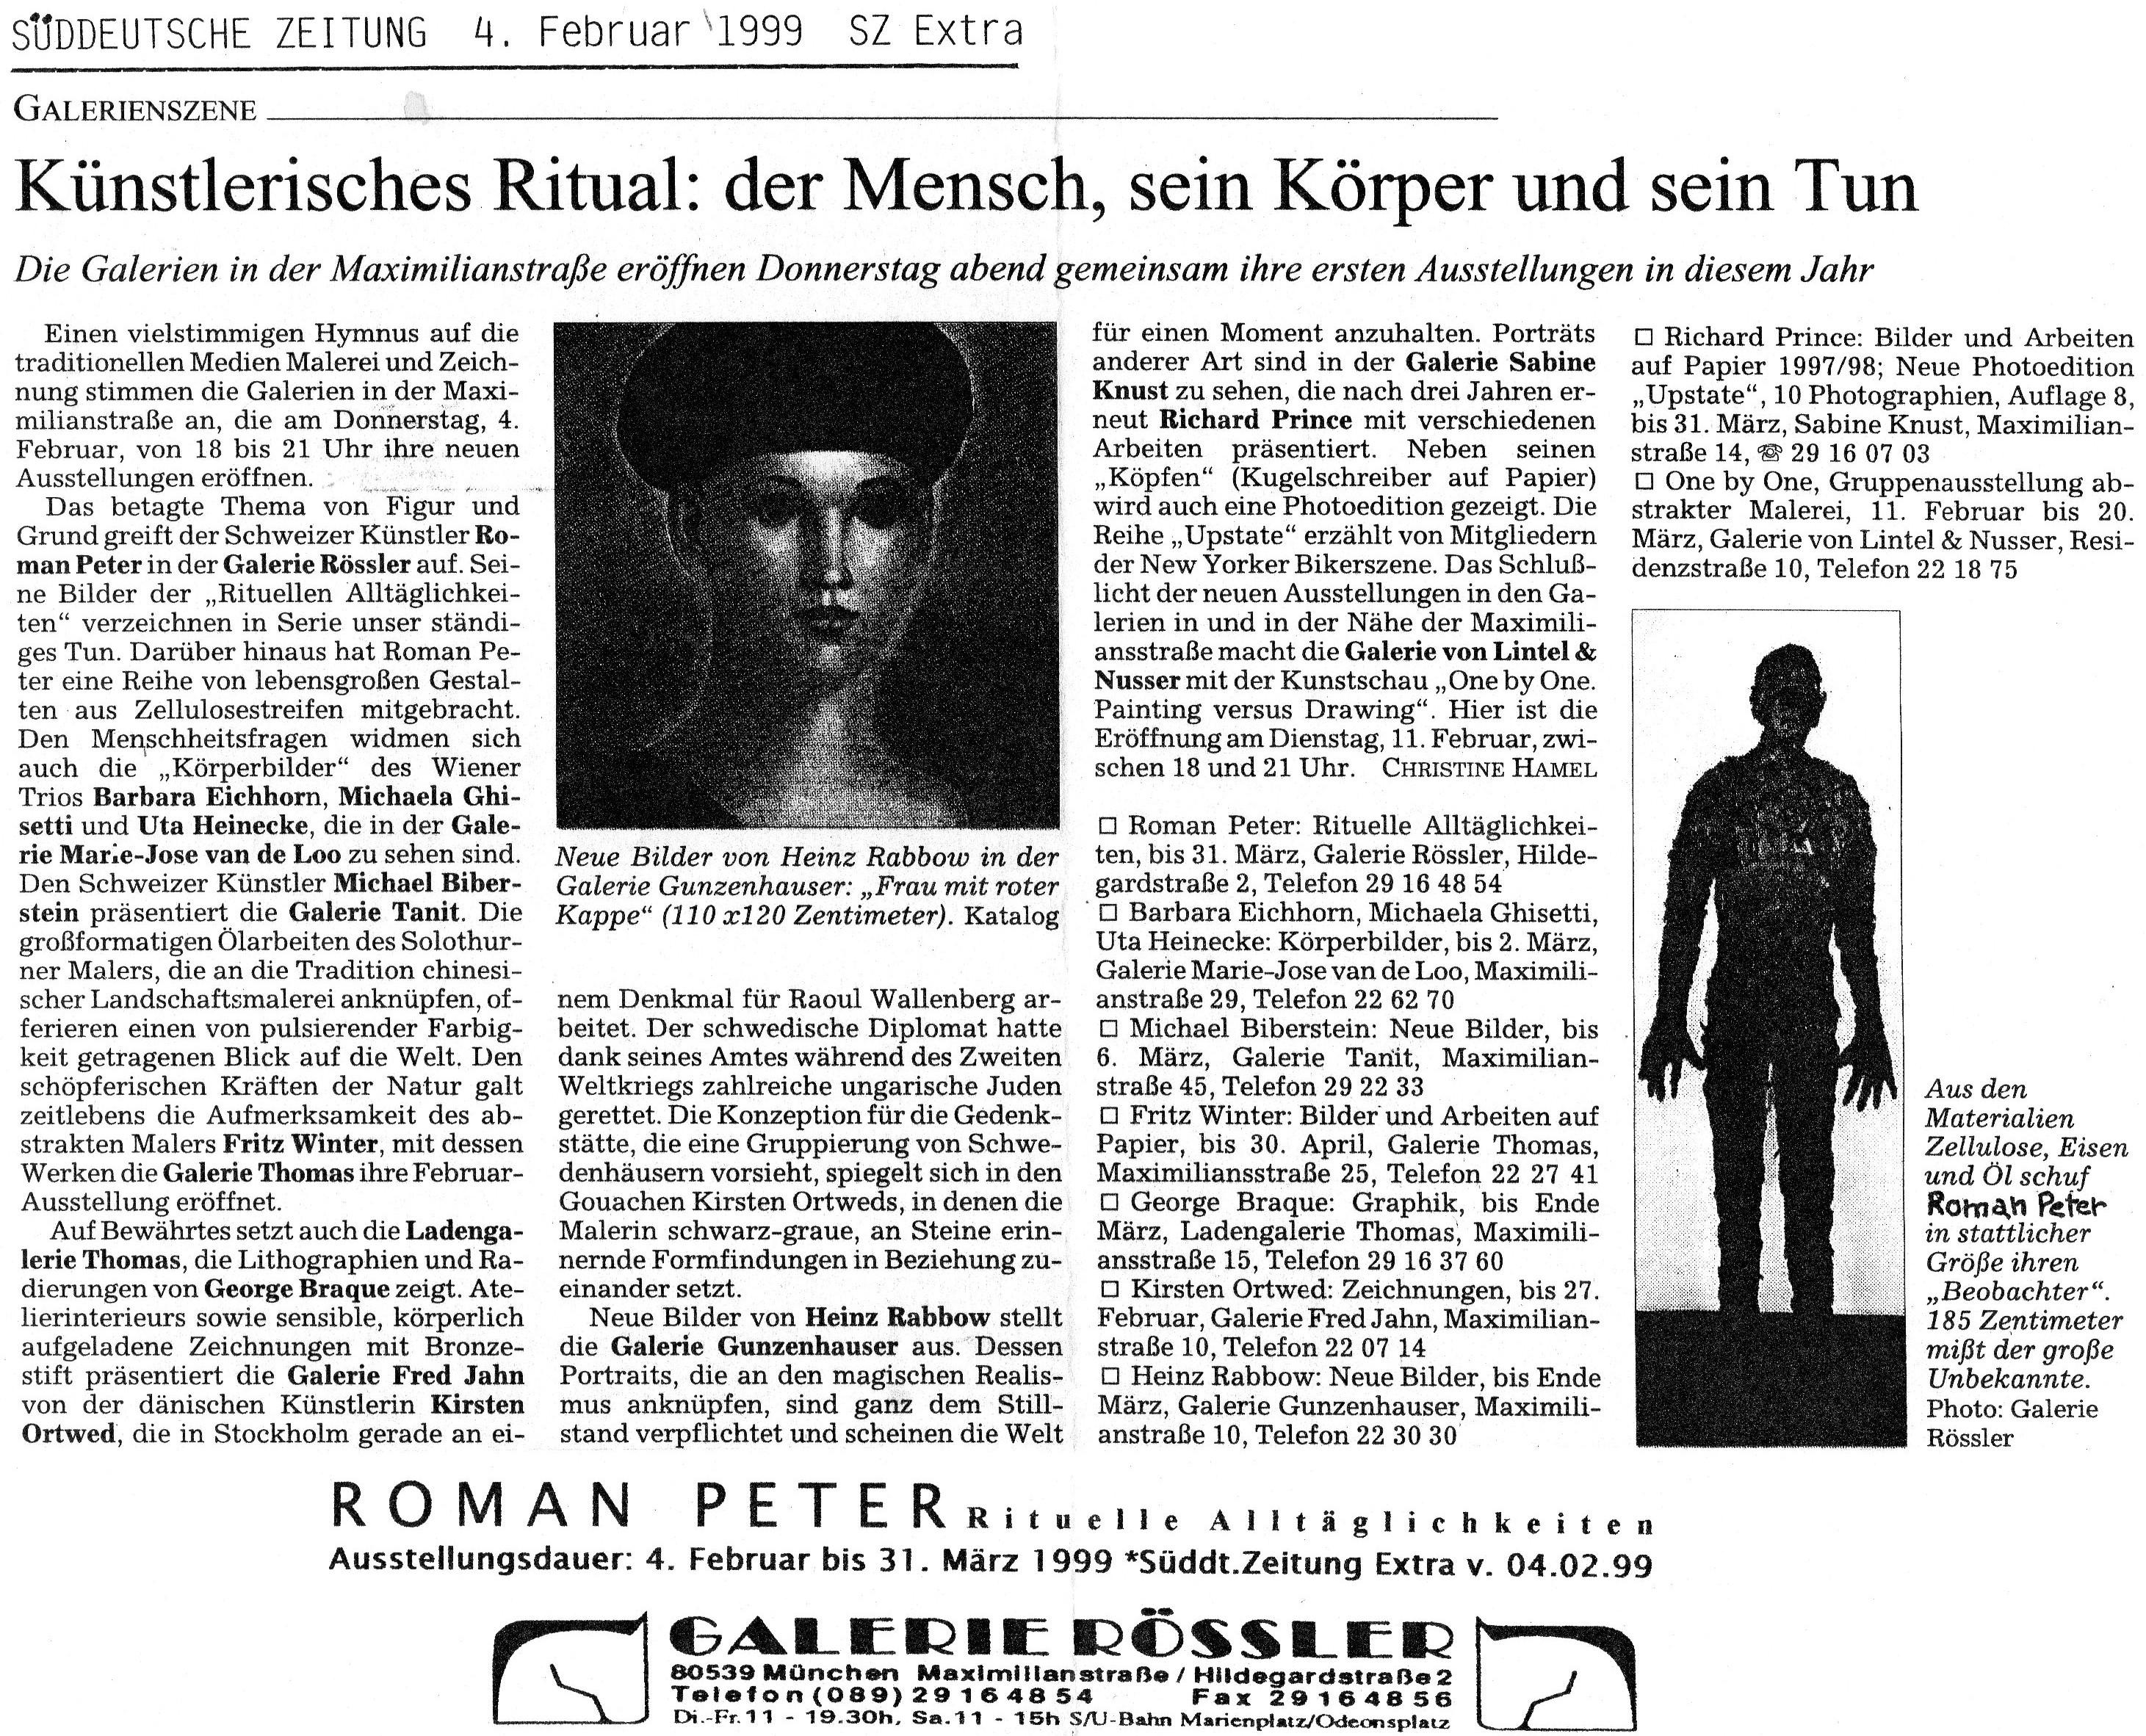 Februar 1999, Süddeutsche Zeitung sz